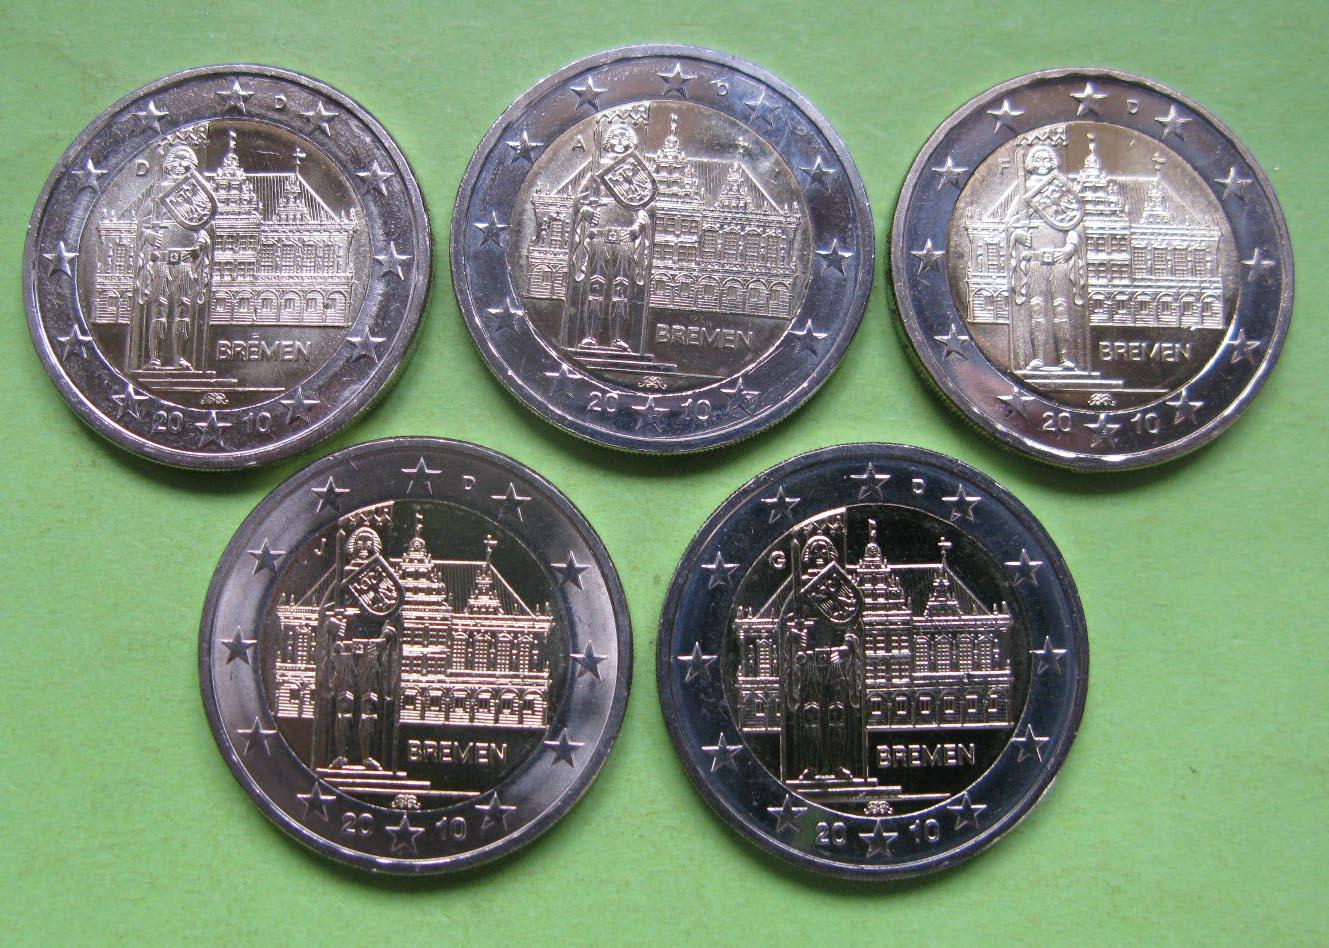 Германия 2 евро 2010 г. Бремен (A,D,F,G,J ) , UNC